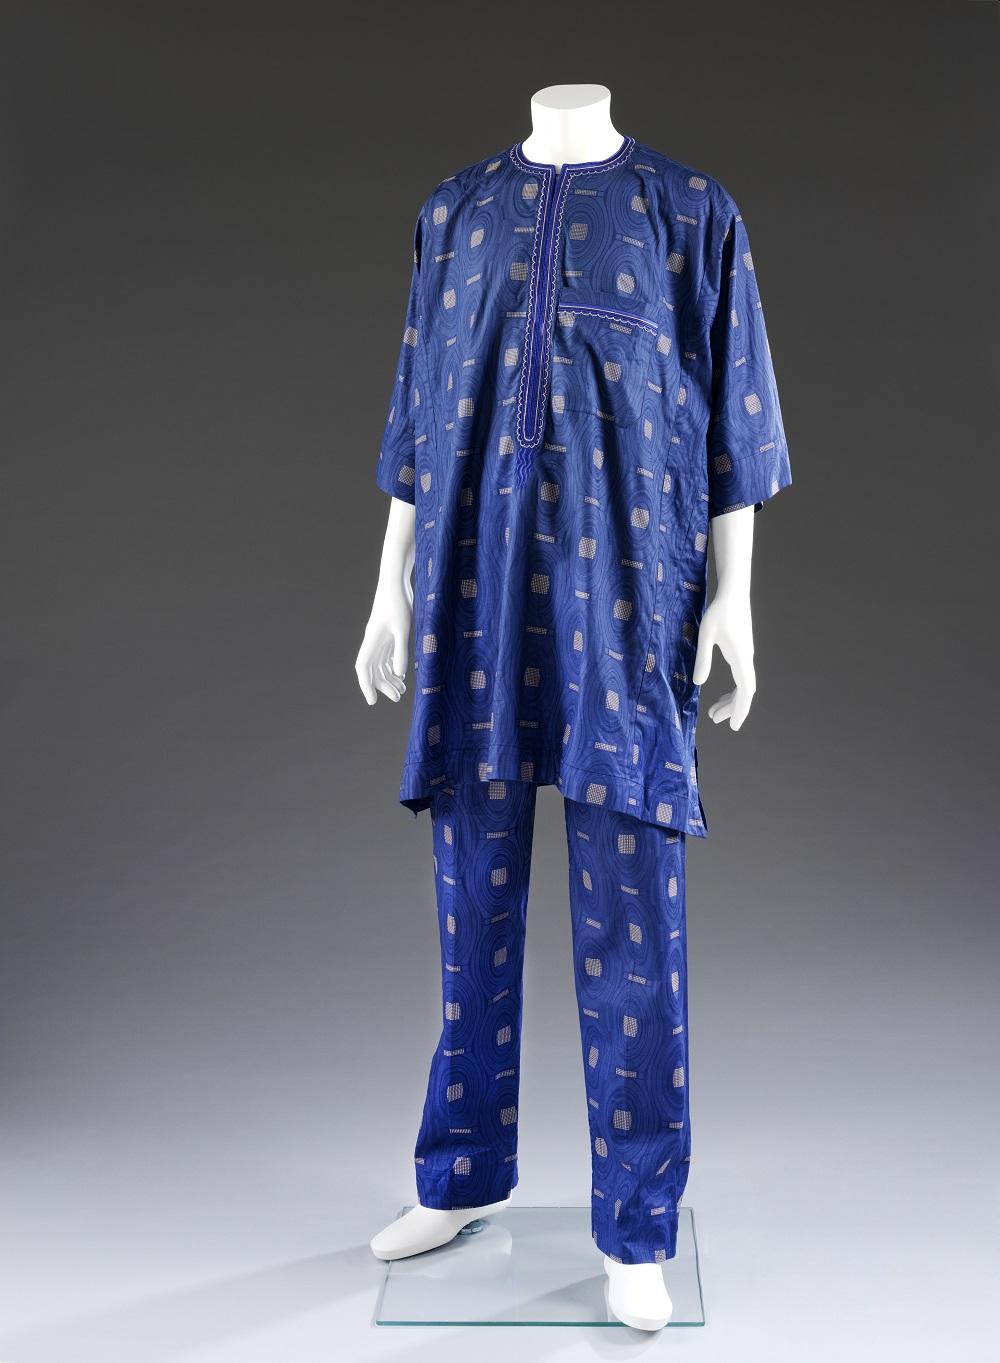 Fashion by christopher breward 91